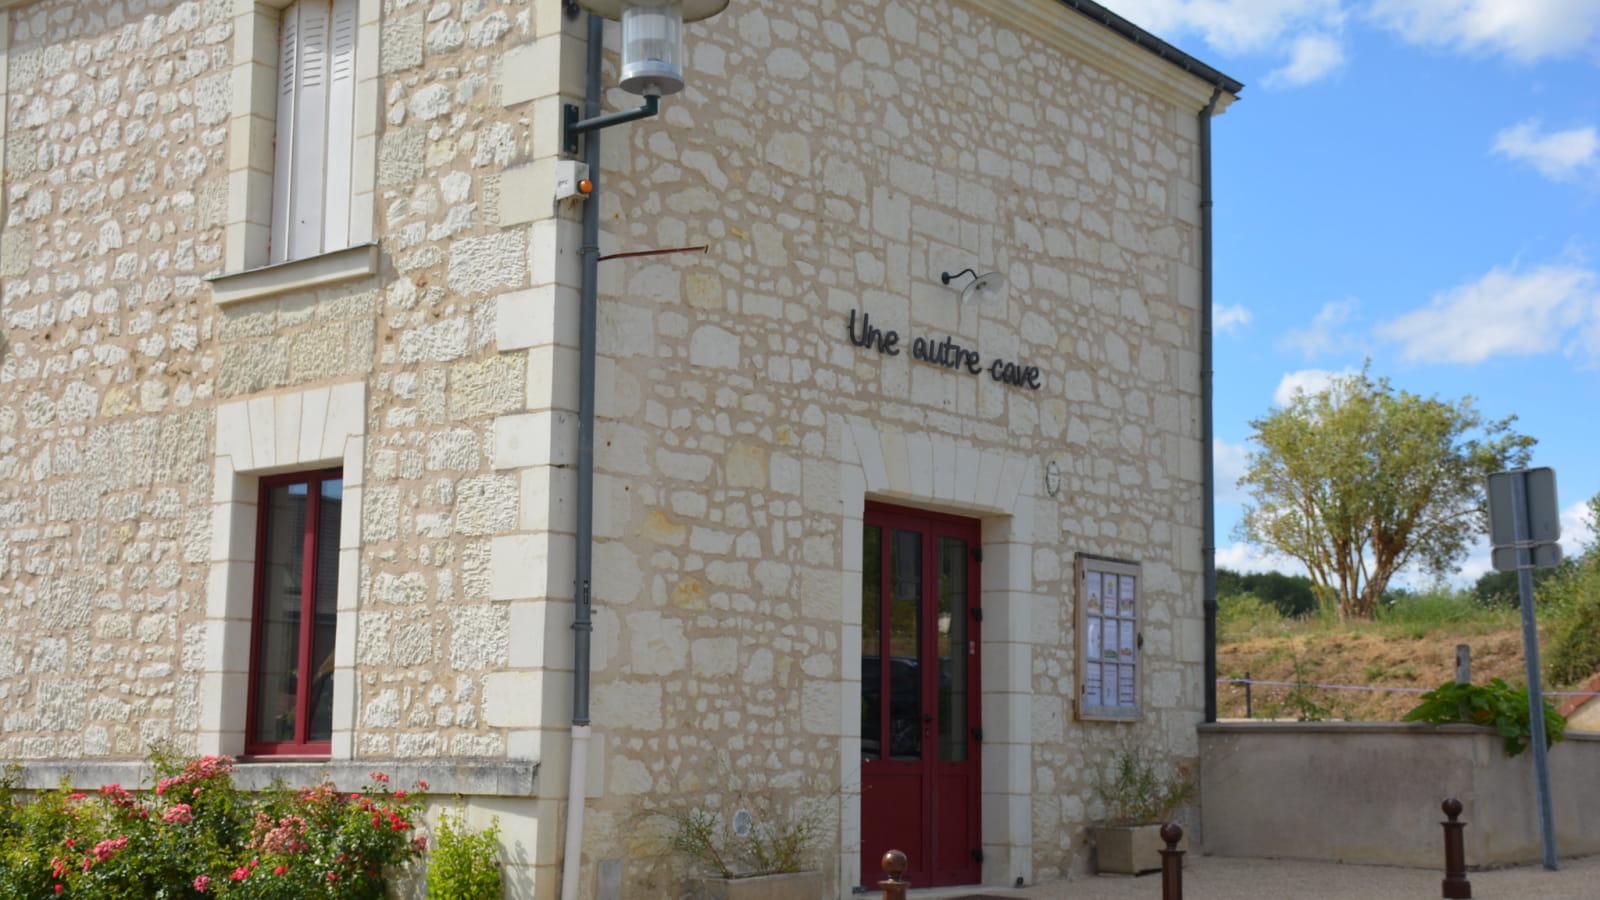 Une Autre Cave - Saint-Benoît-la-Forêt